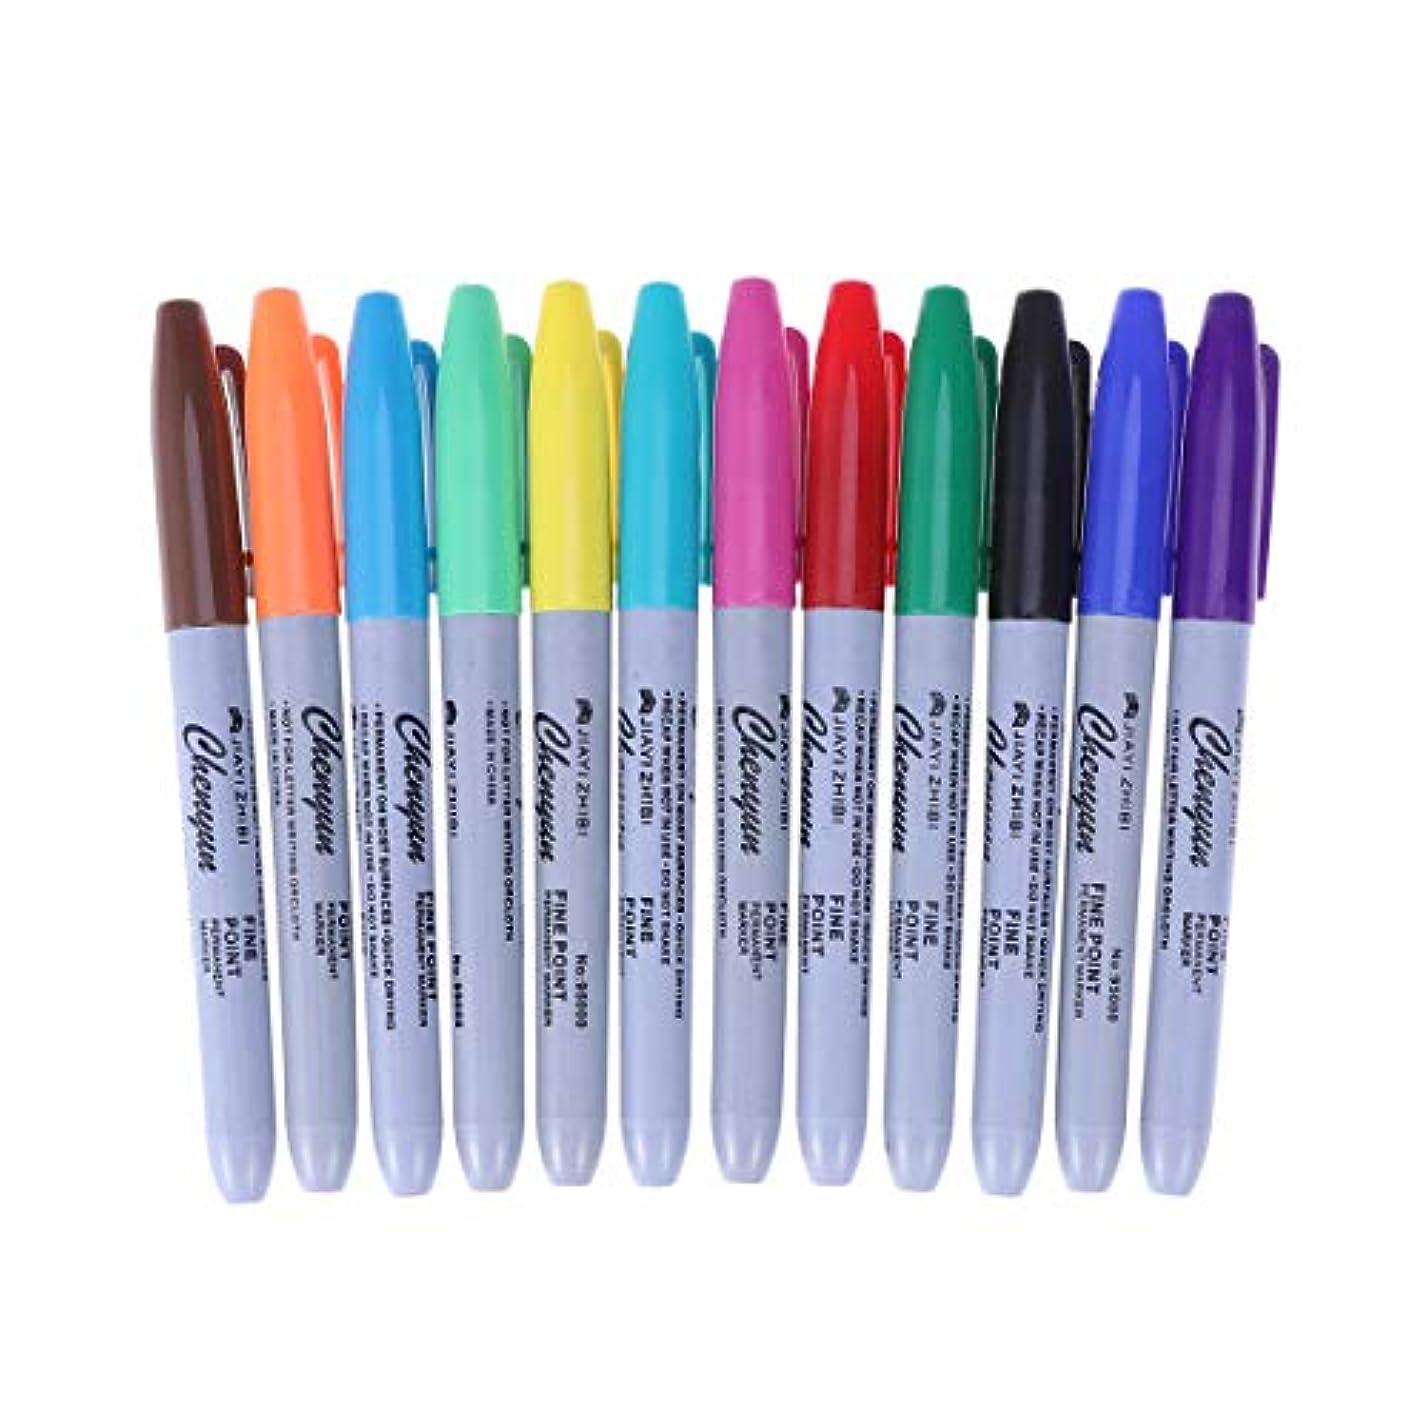 鳩ショルダー工業用Healifty タトゥーペン防水高品質マーカーペン12色スキンマーカーペンスクライブツールタトゥー用品24ピース